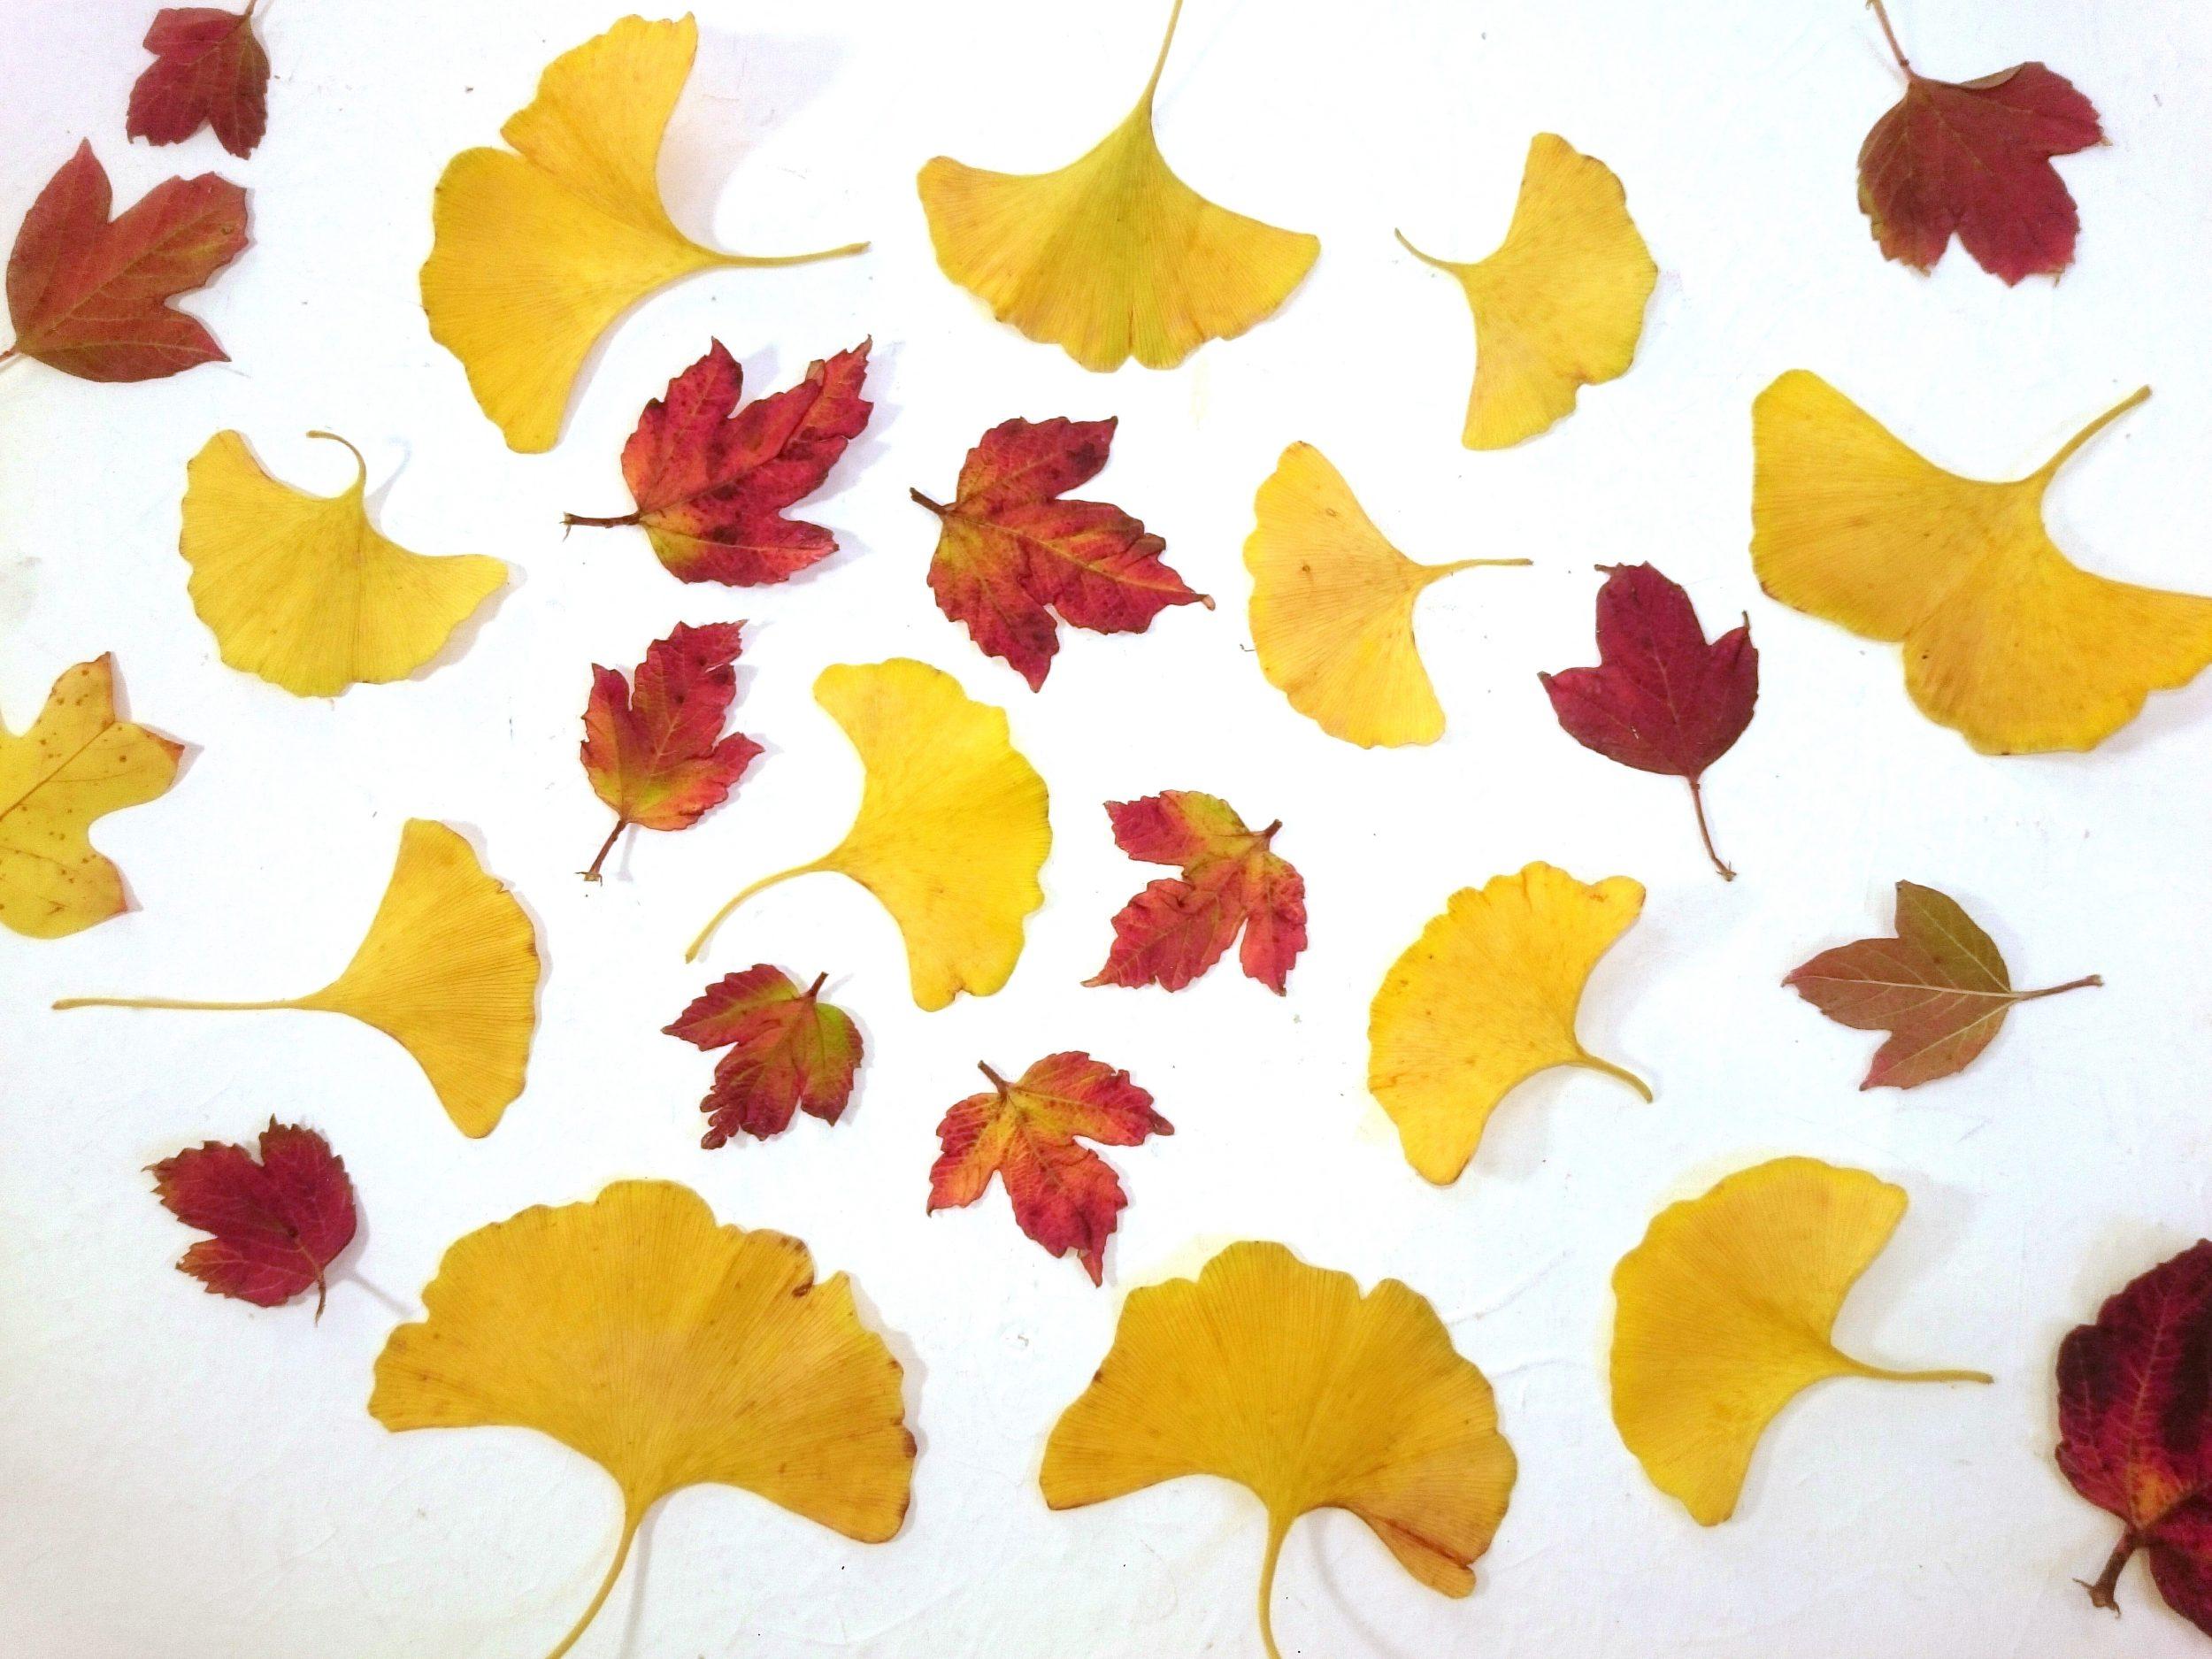 feuilles d'automne : feuilles jaune d'or de ginkgo biloba et feuilles rousses de buisson boule de neige